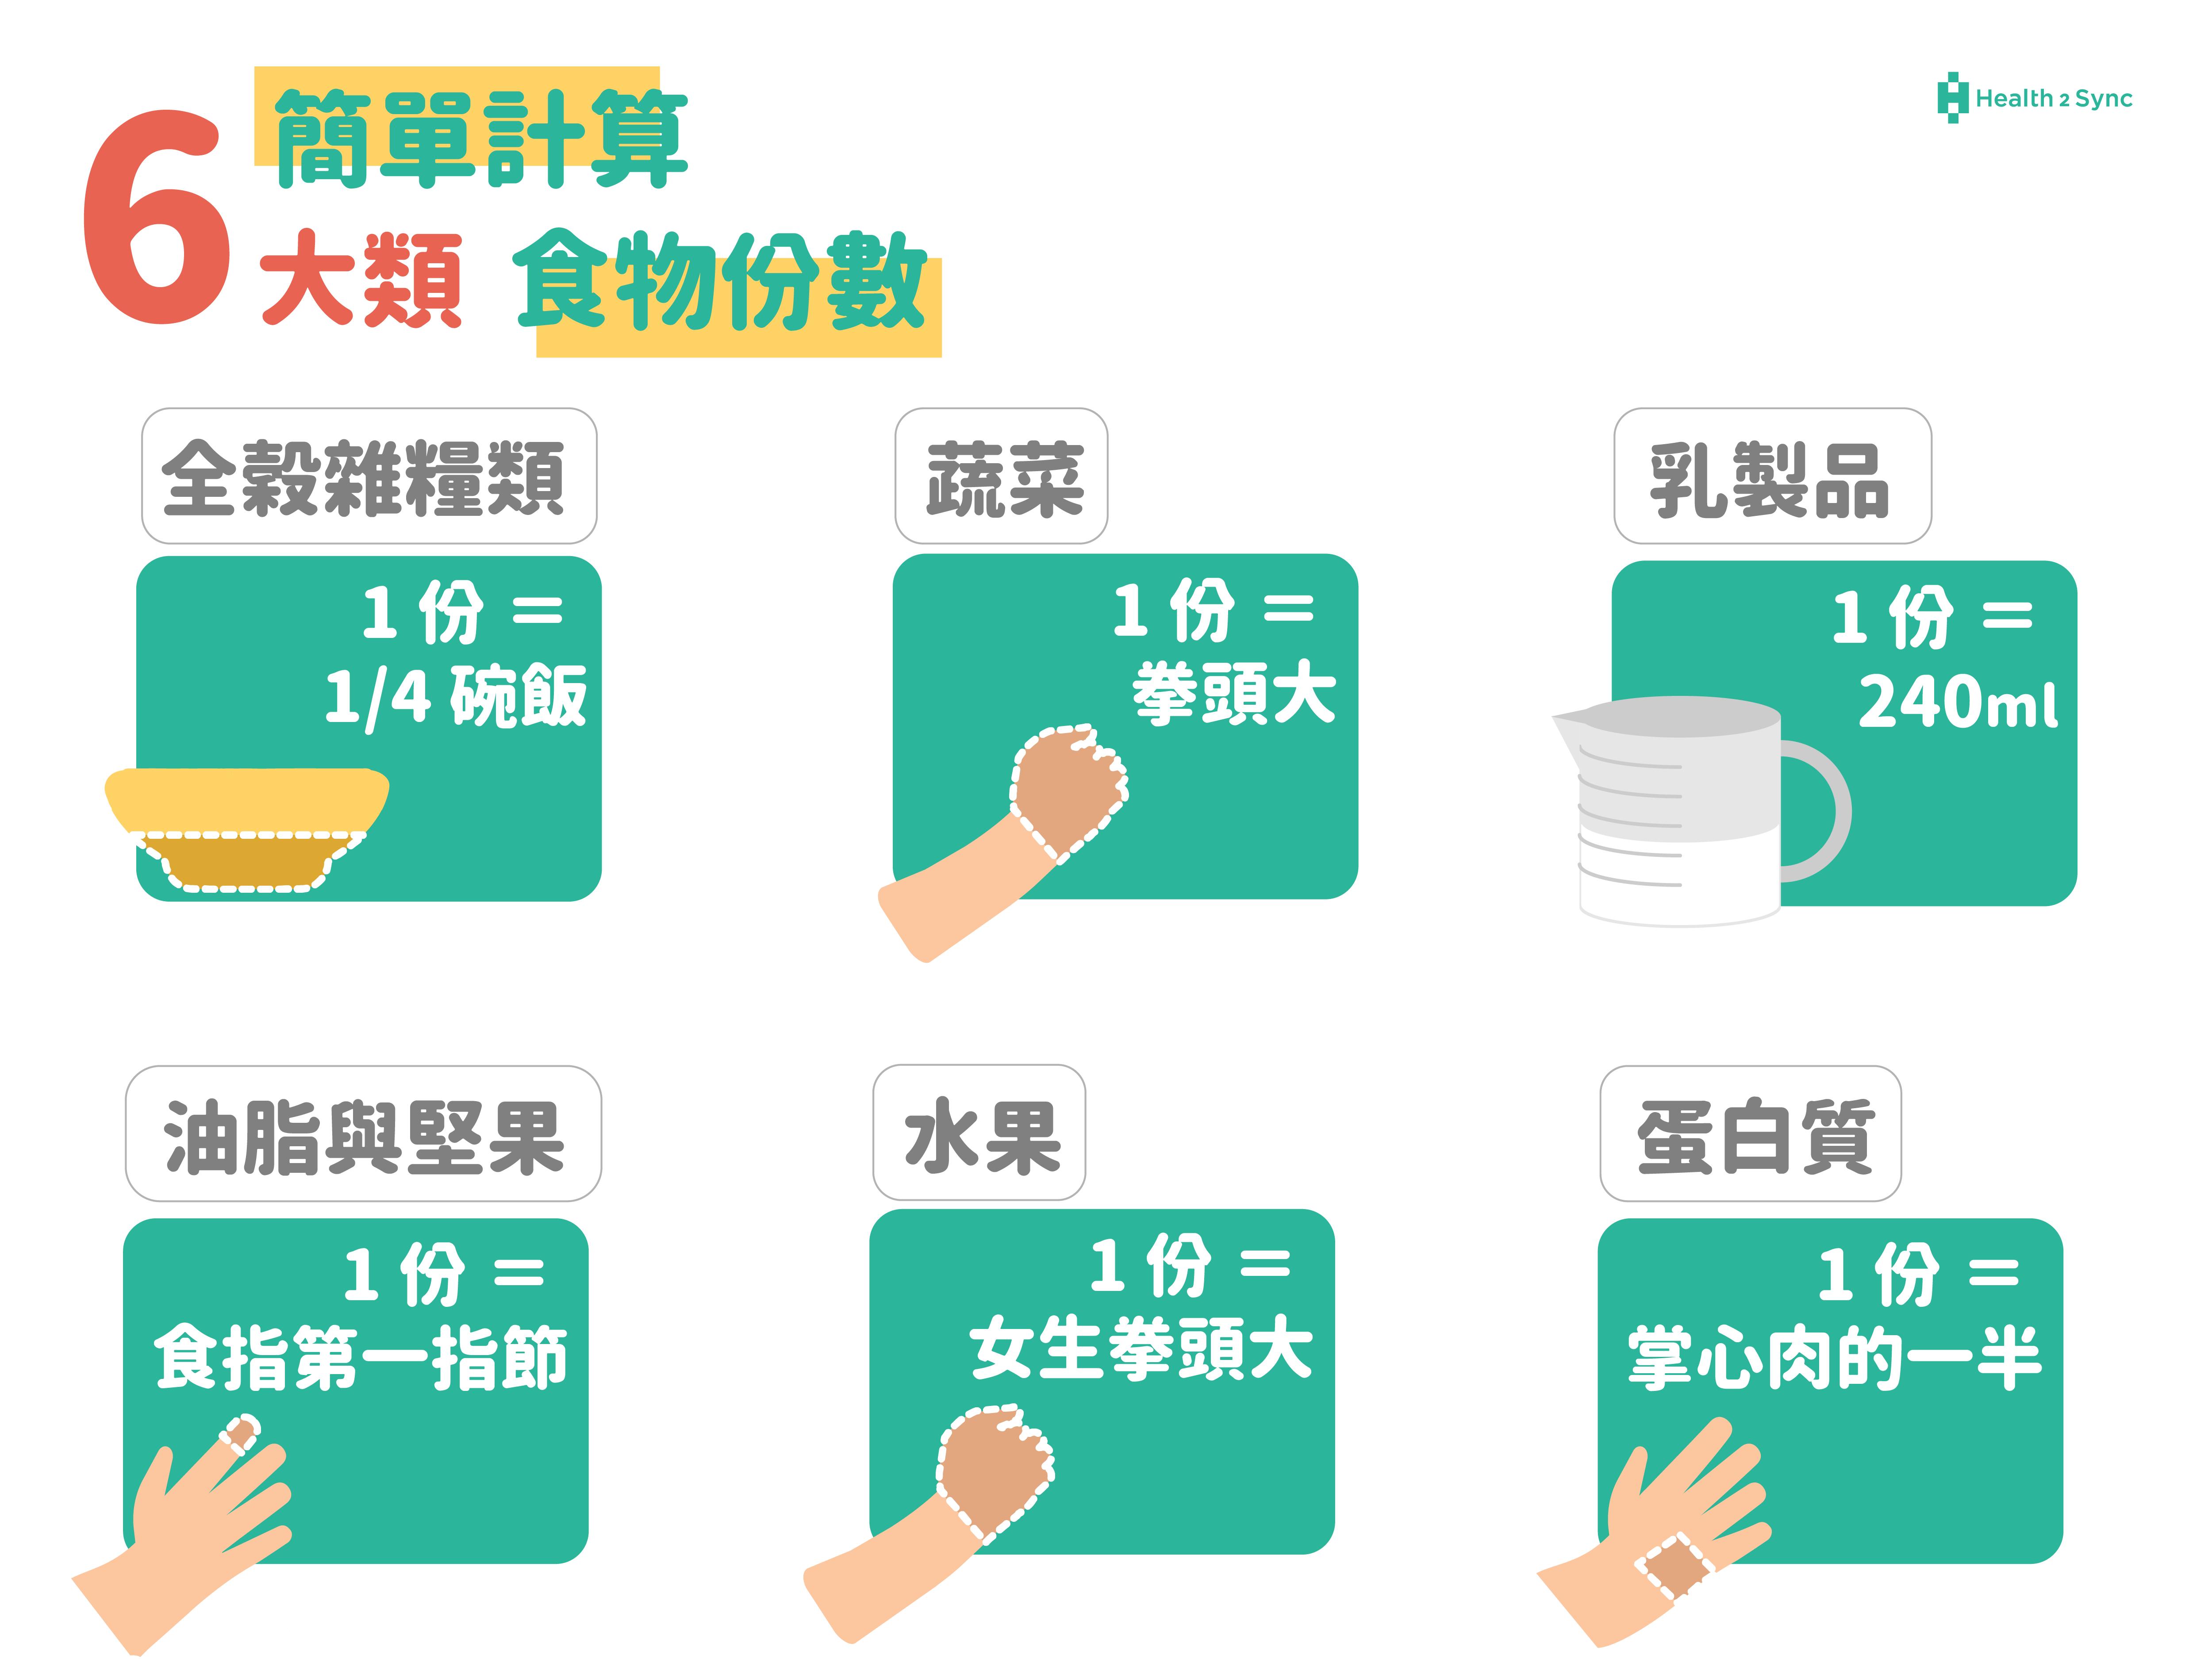 糖尿病飲食份數如何計算?可以用雙手作為粗略估計食物份數的工具。